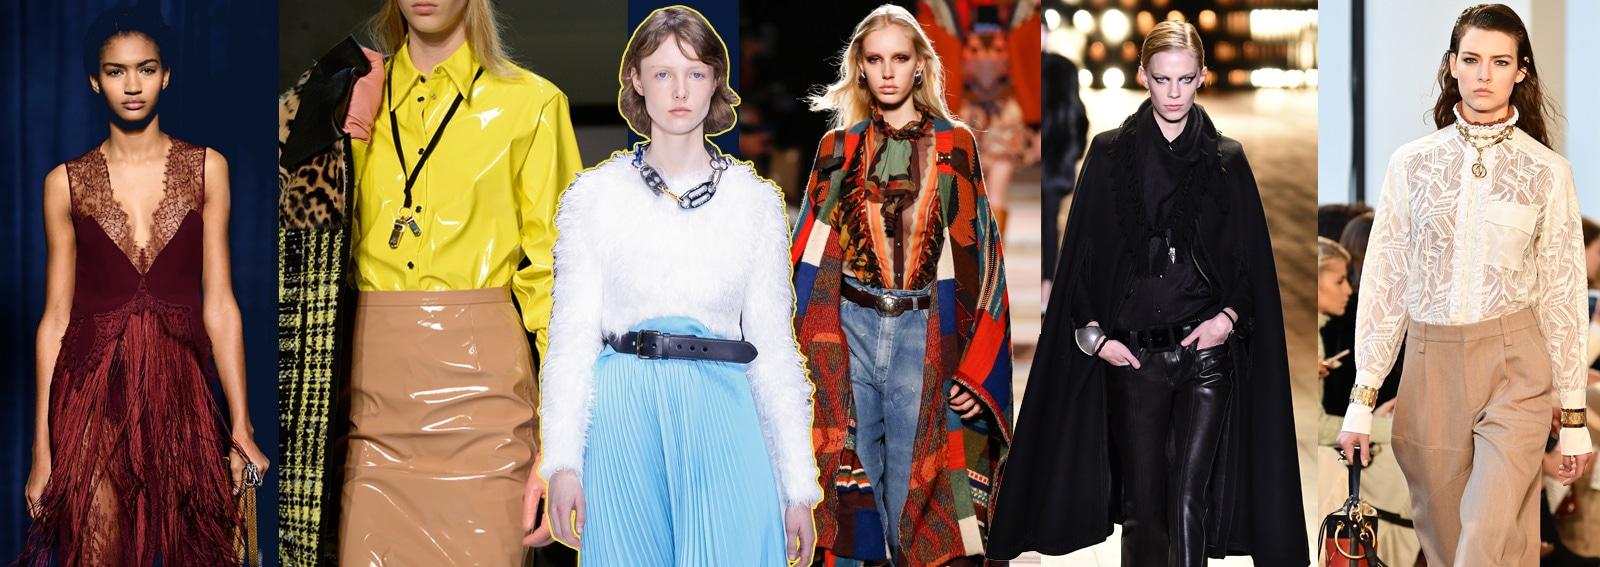 abbigliamento tendenze sfilate